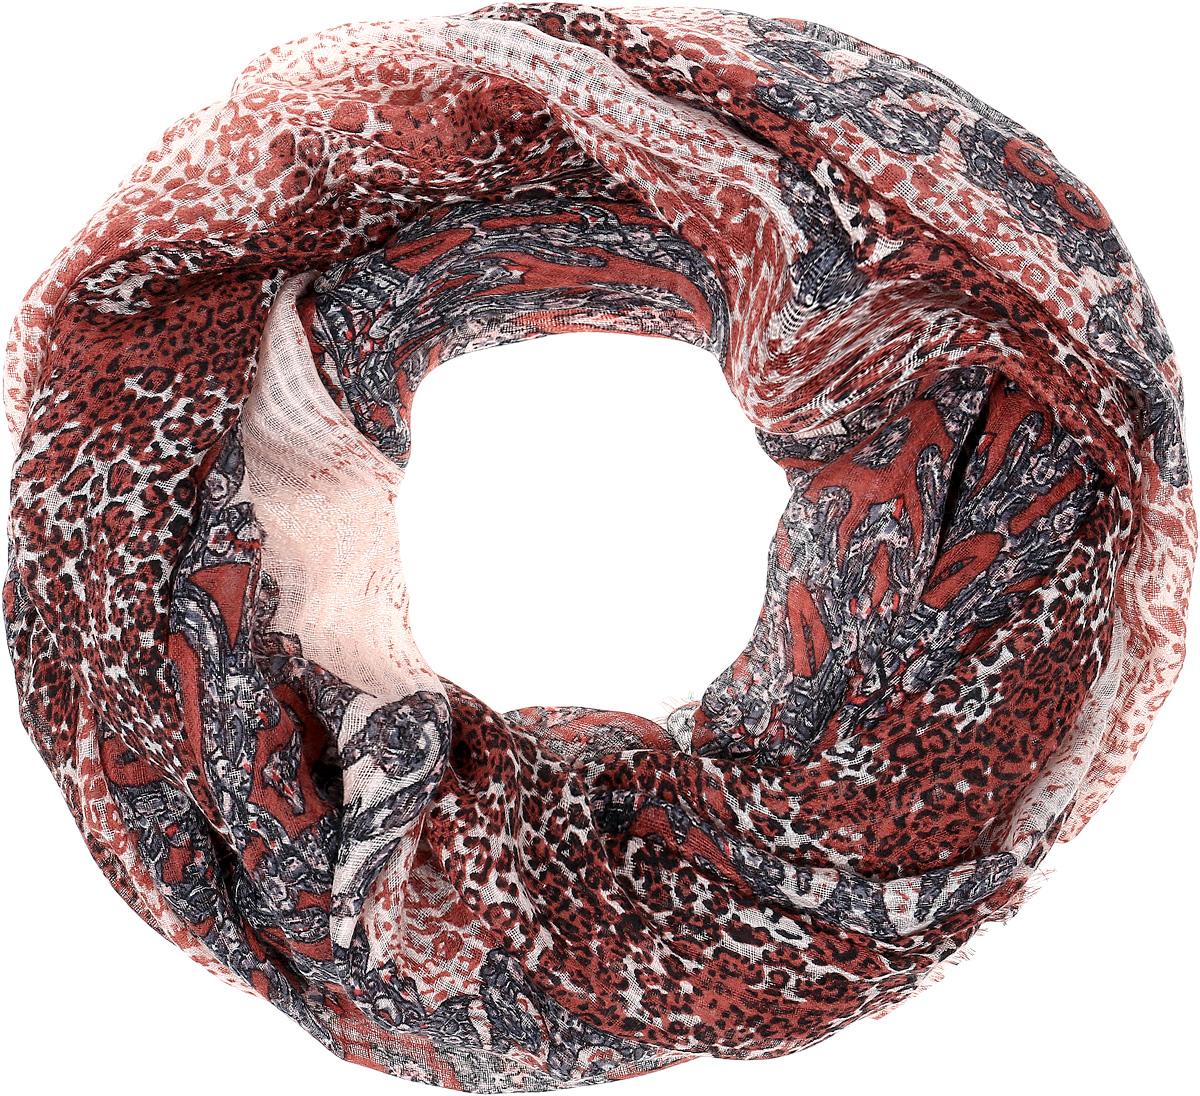 ПалантинYY-21652-10Элегантный палантин Sophie Ramage станет достойным завершением вашего образа. Палантин изготовлен из модала с добавлением шерсти. Оформлена модель контрастным принтом в виде узоров и по краям дополнена бахромой. Палантин красиво драпируется, он превосходно дополнит любой наряд и подчеркнет ваш изысканный вкус. Легкий и изящный палантин привнесет в ваш образ утонченность и шарм.